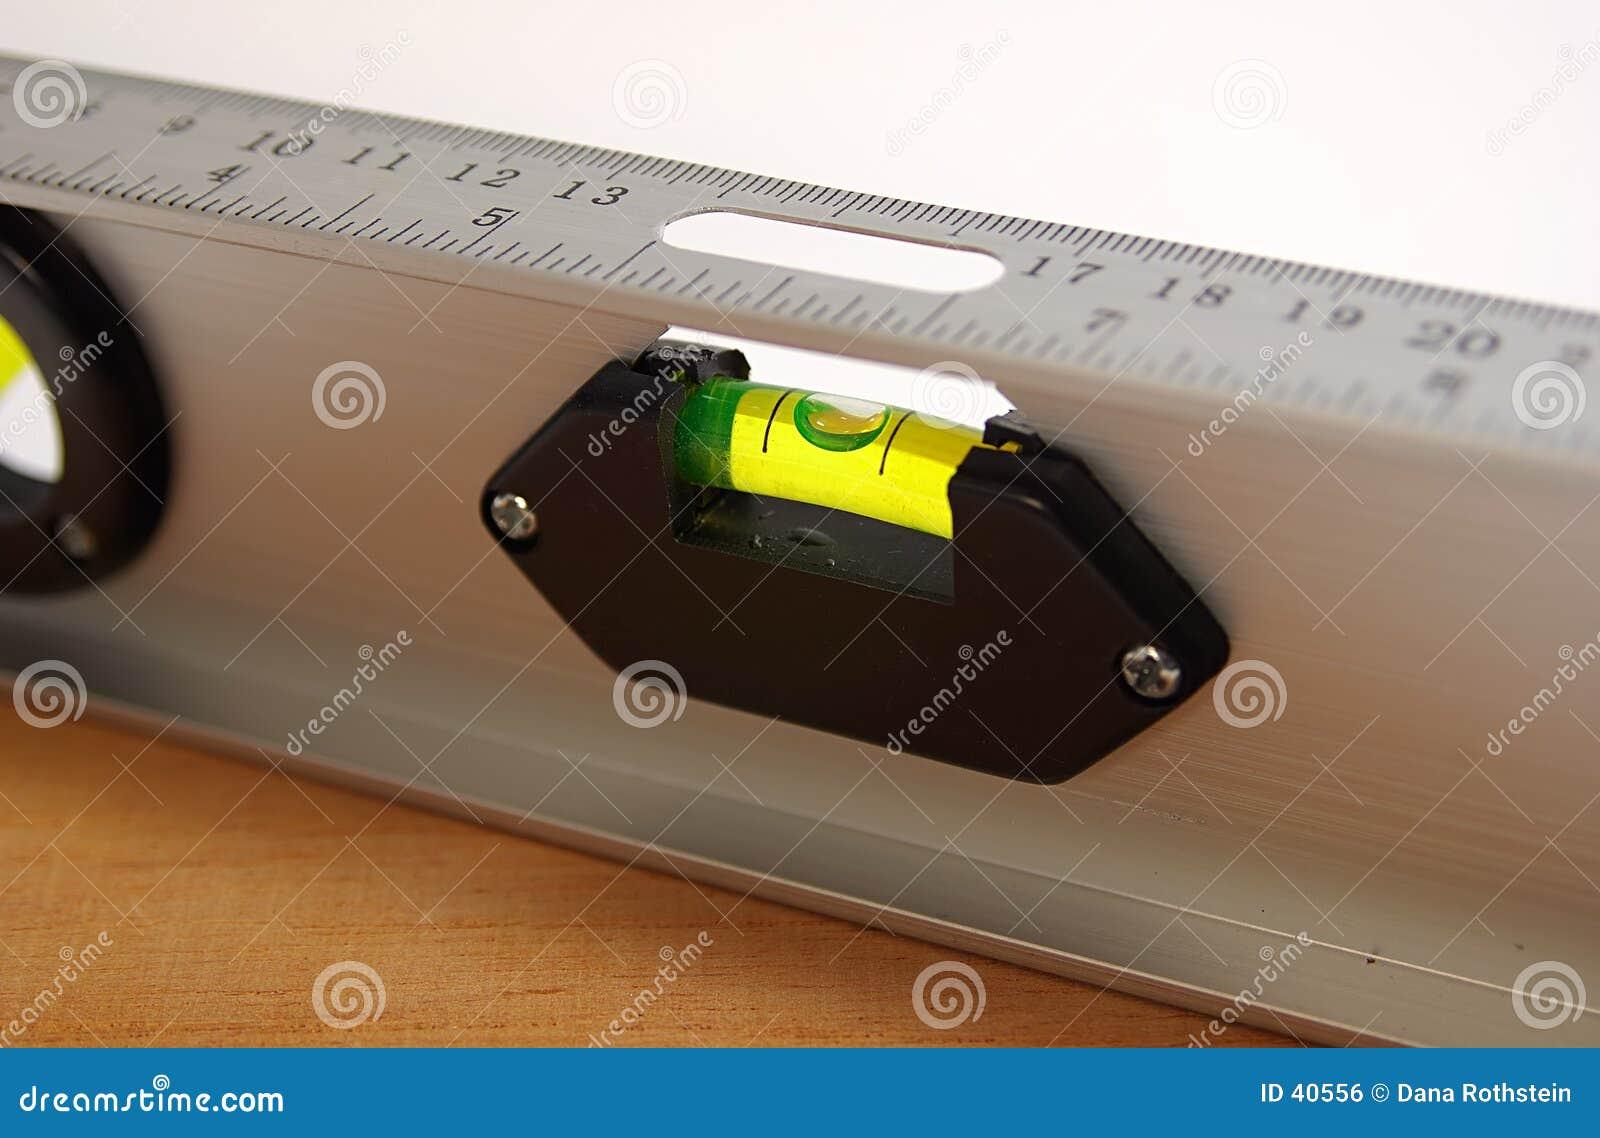 Waagerecht ausgerichtete Oberfläche